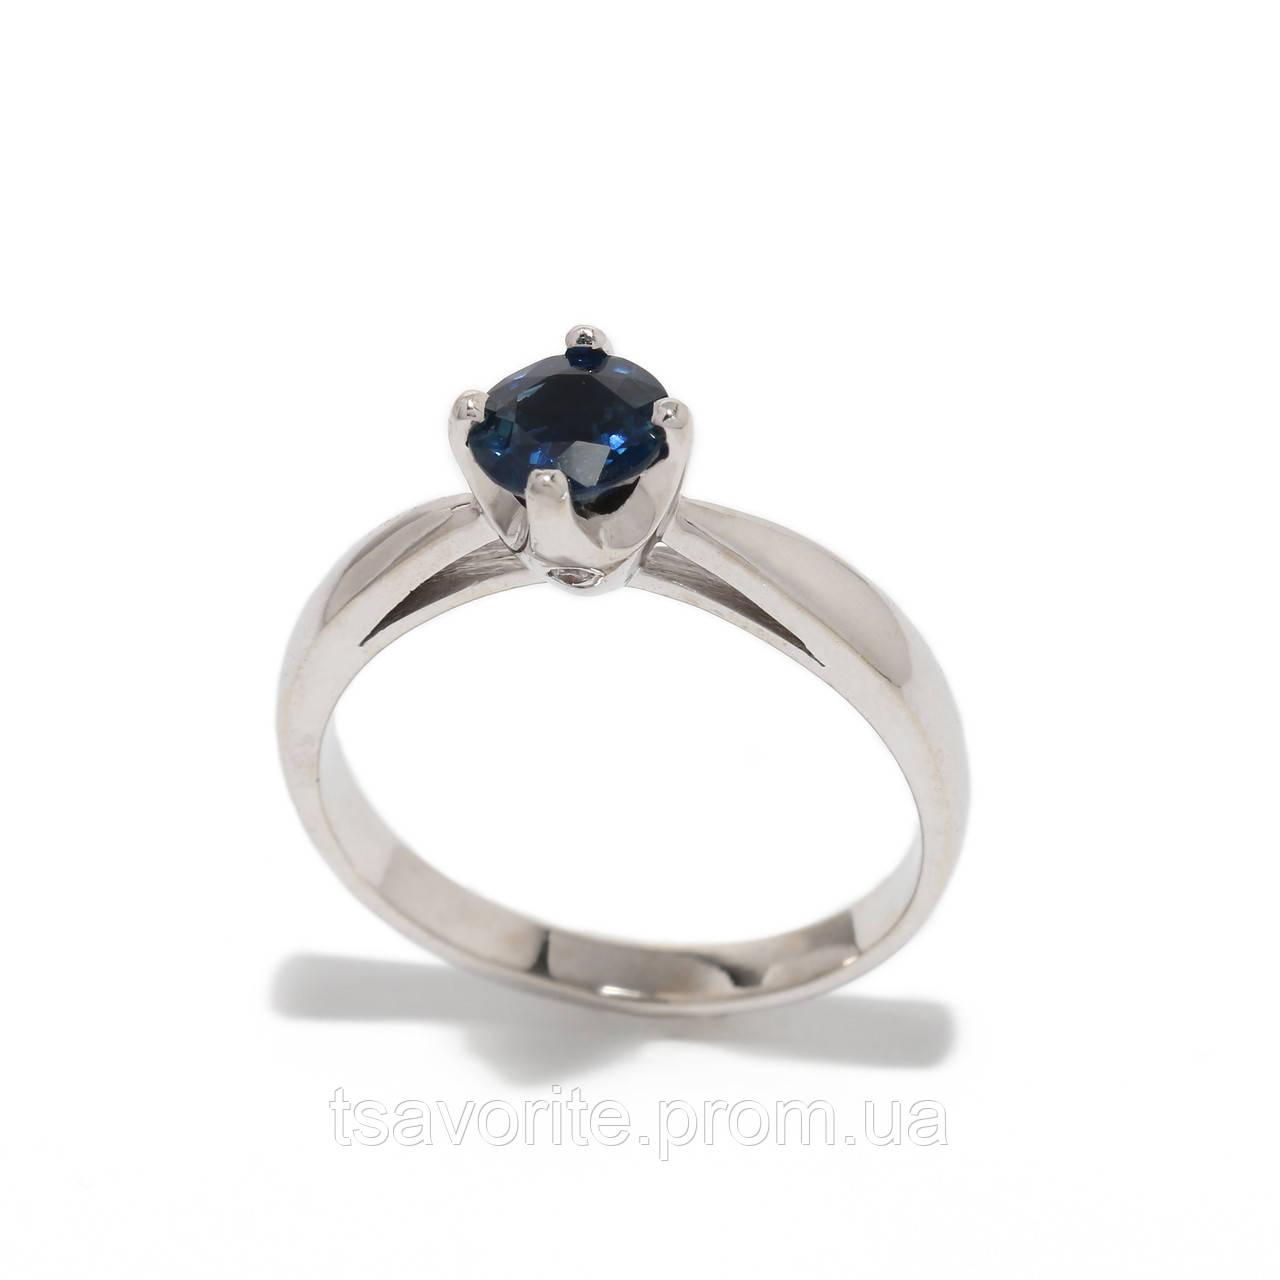 Золотое кольцо с сапфиром и бриллиантами 2297533